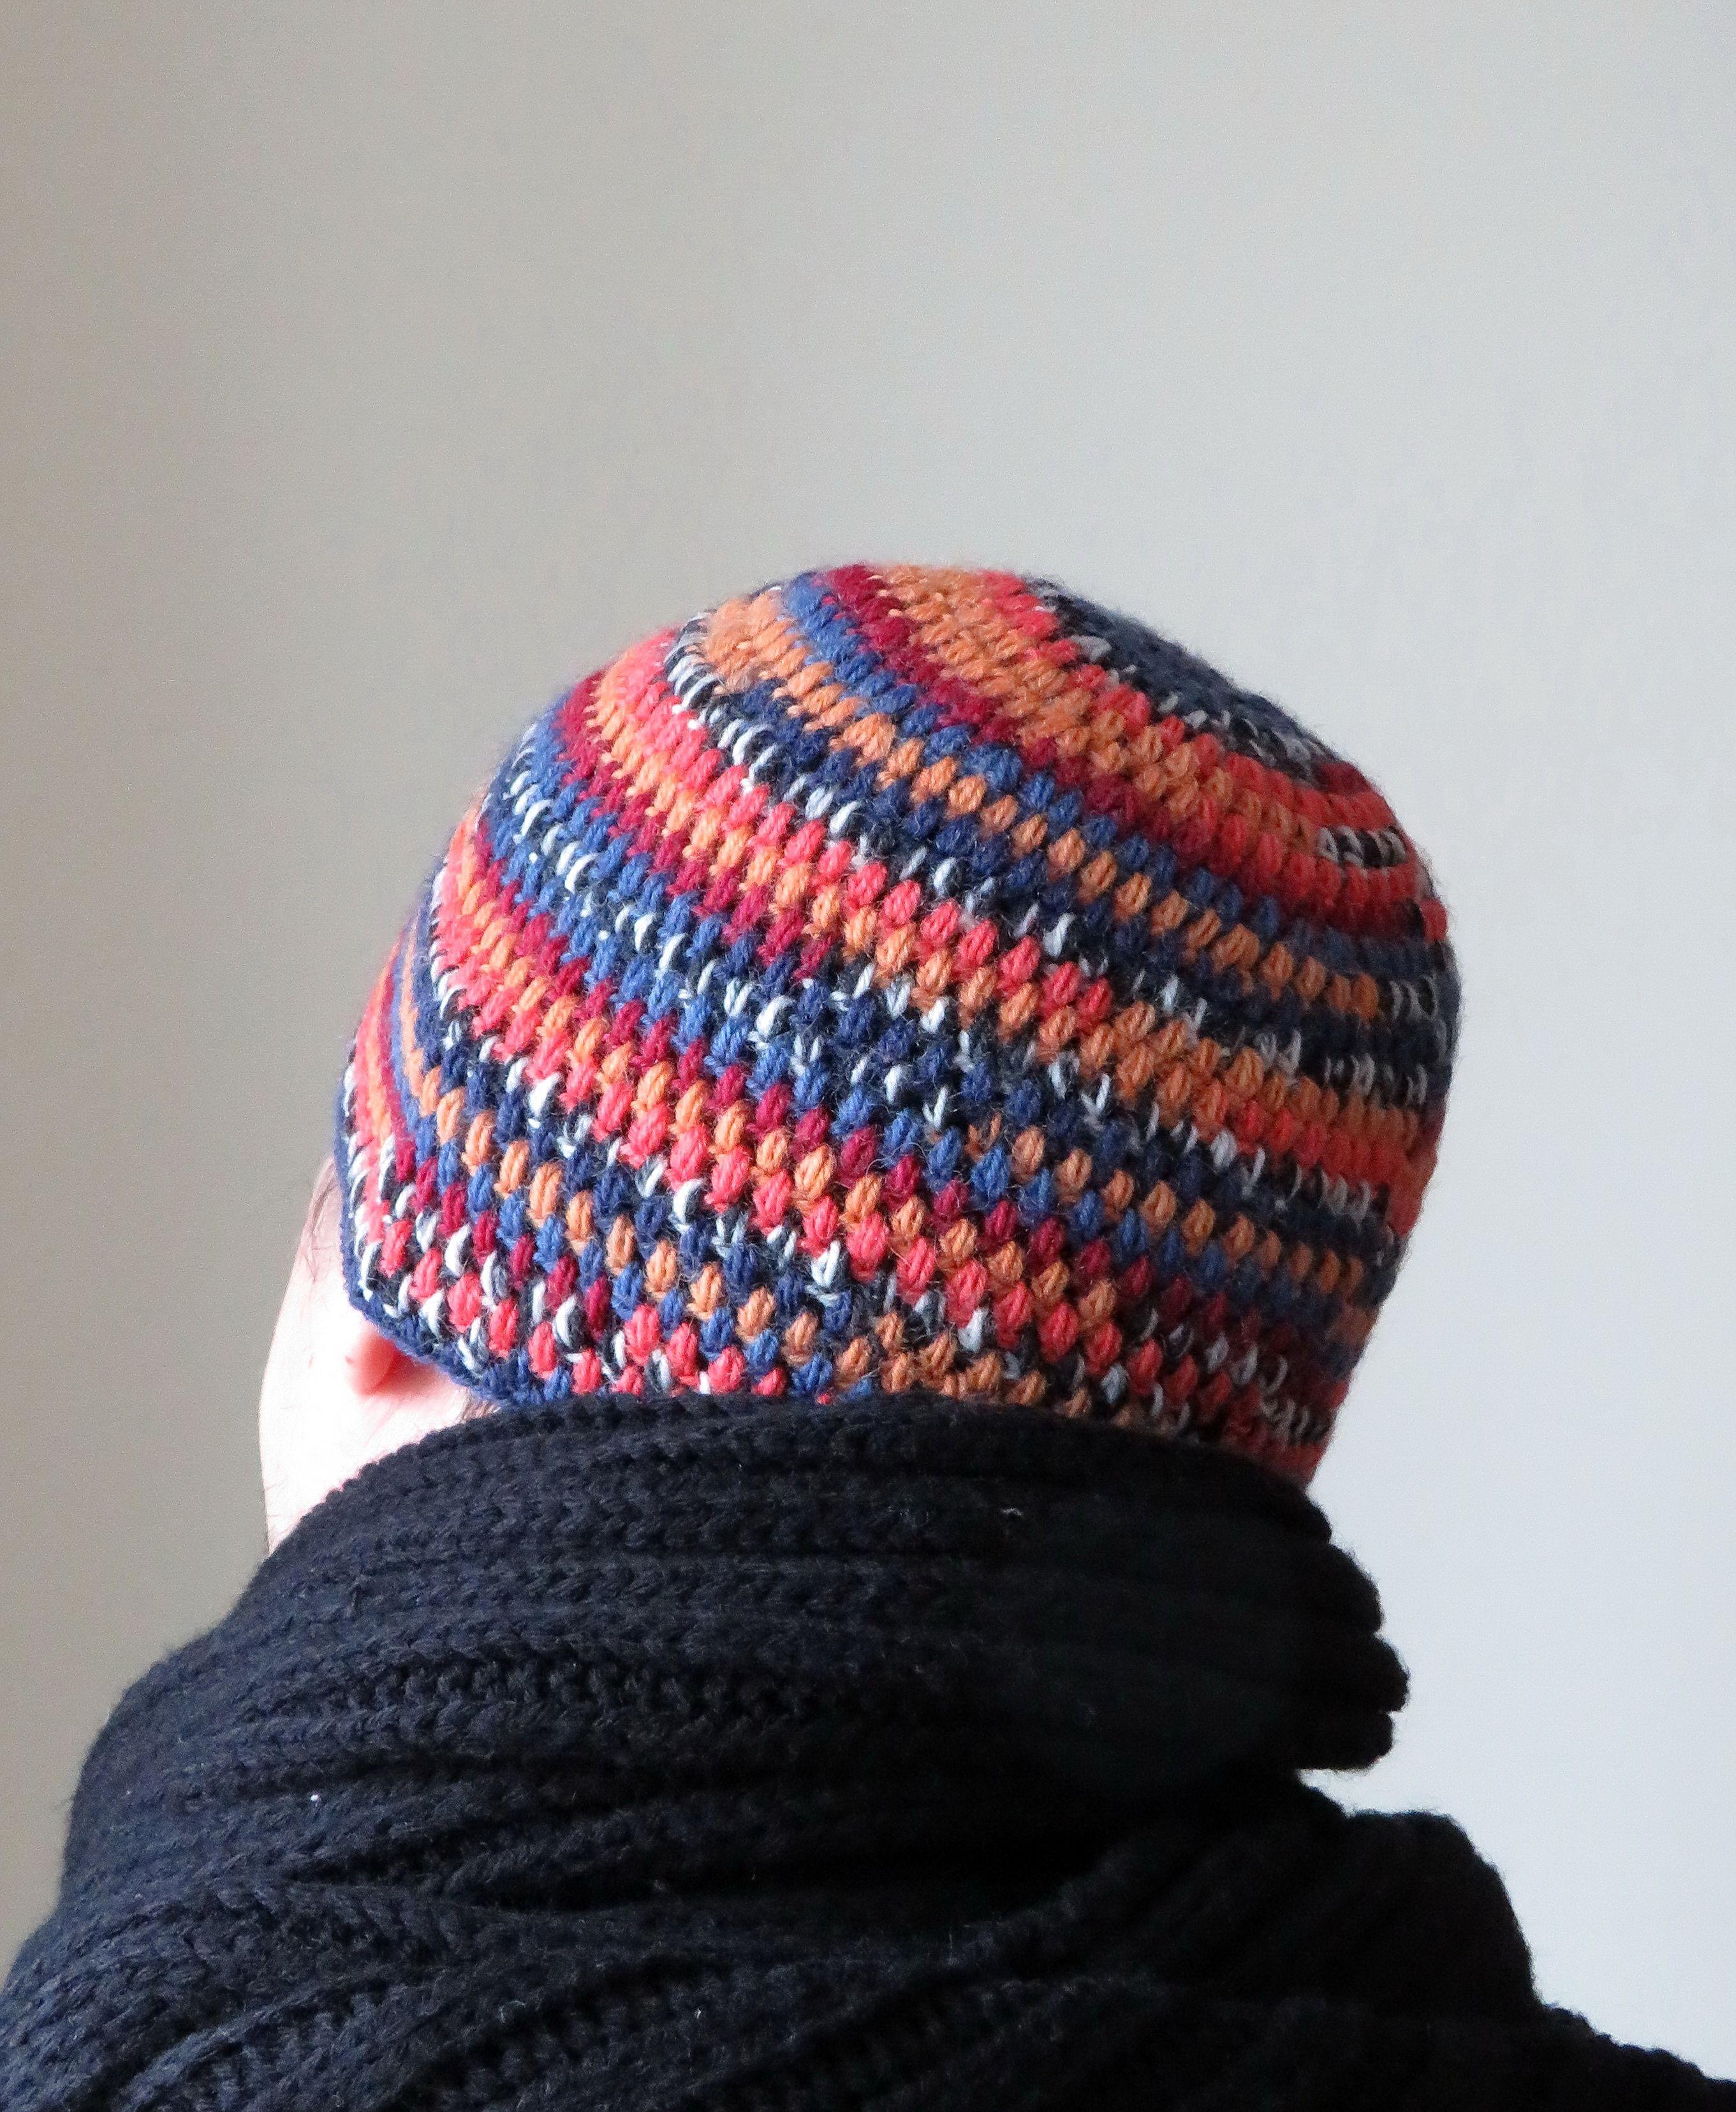 Crochet Beanies For Men Mens Beani Crochet Beanie Formen Knit Beanie Skullcap Crochet